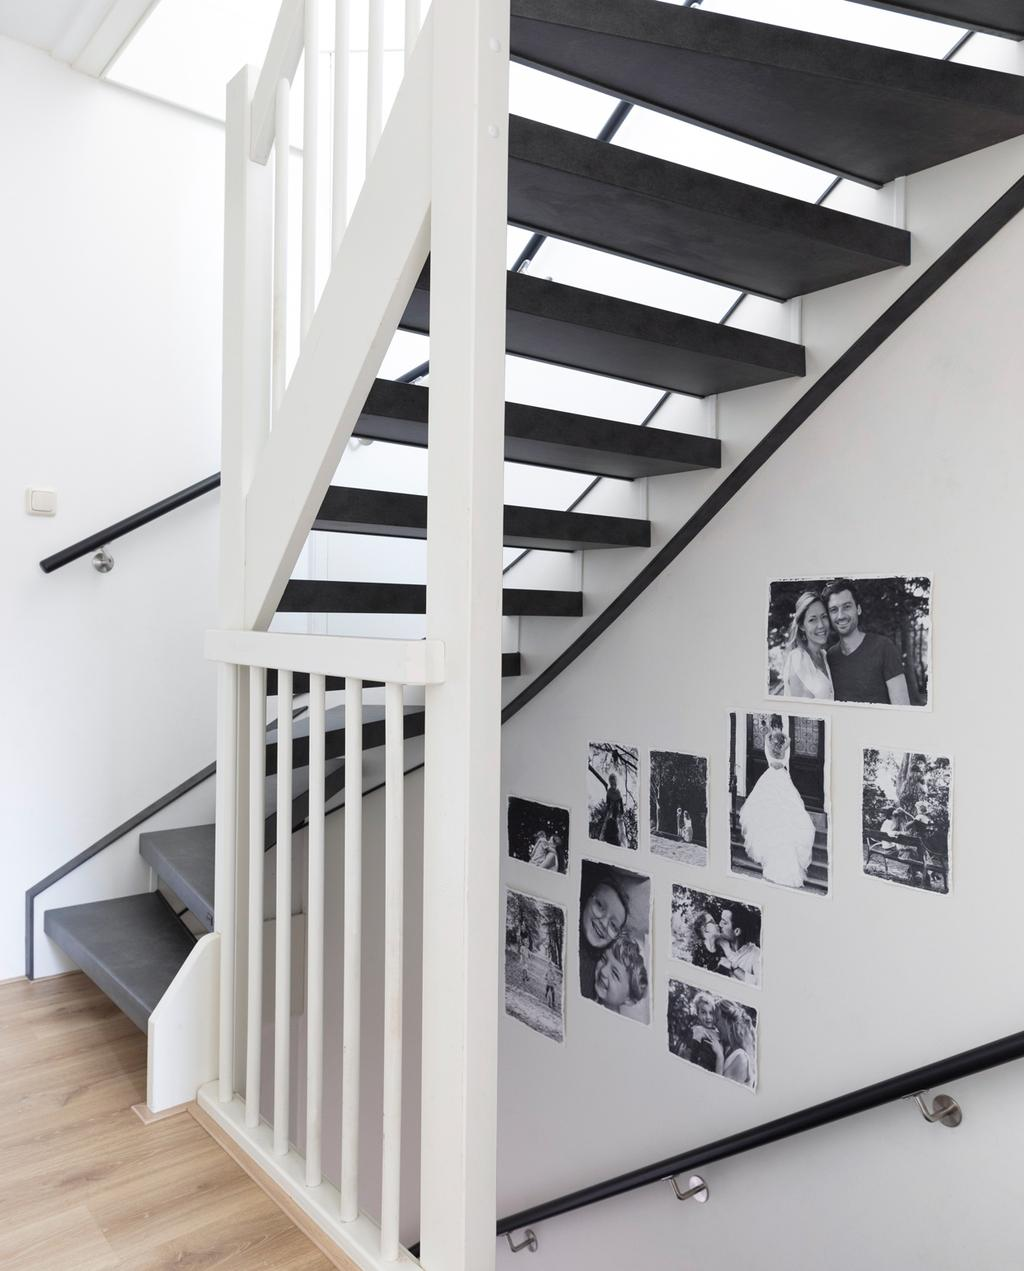 vtwonen Weer verliefd op je huis aflevering 7 seizoen 14 | Marianne in Bodegraven | ideeën voor het trapgat